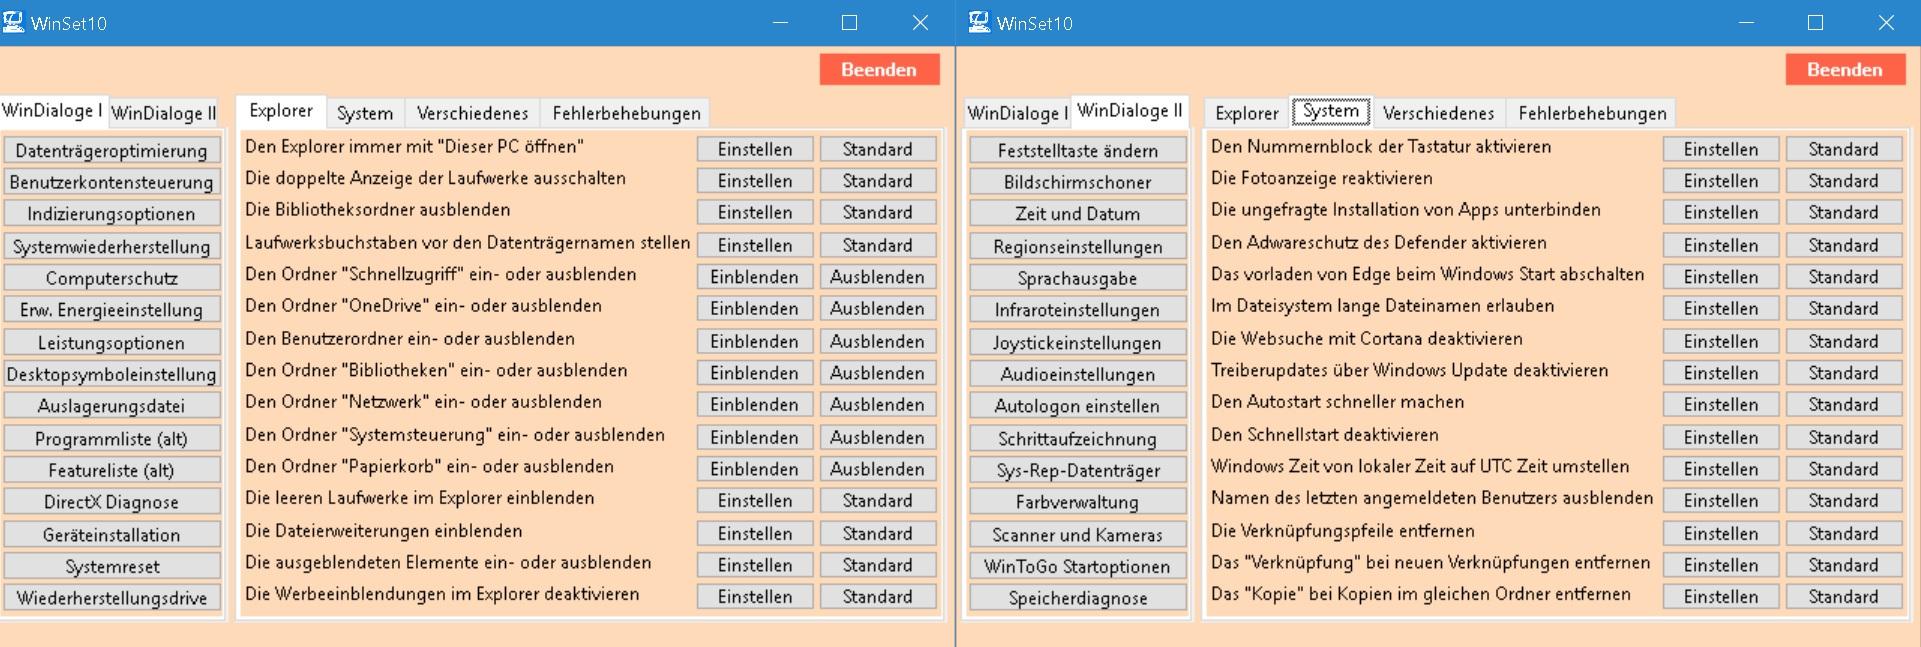 WinSet10 - Einstellungs- und Fehlerbehebungstool für Windows 10